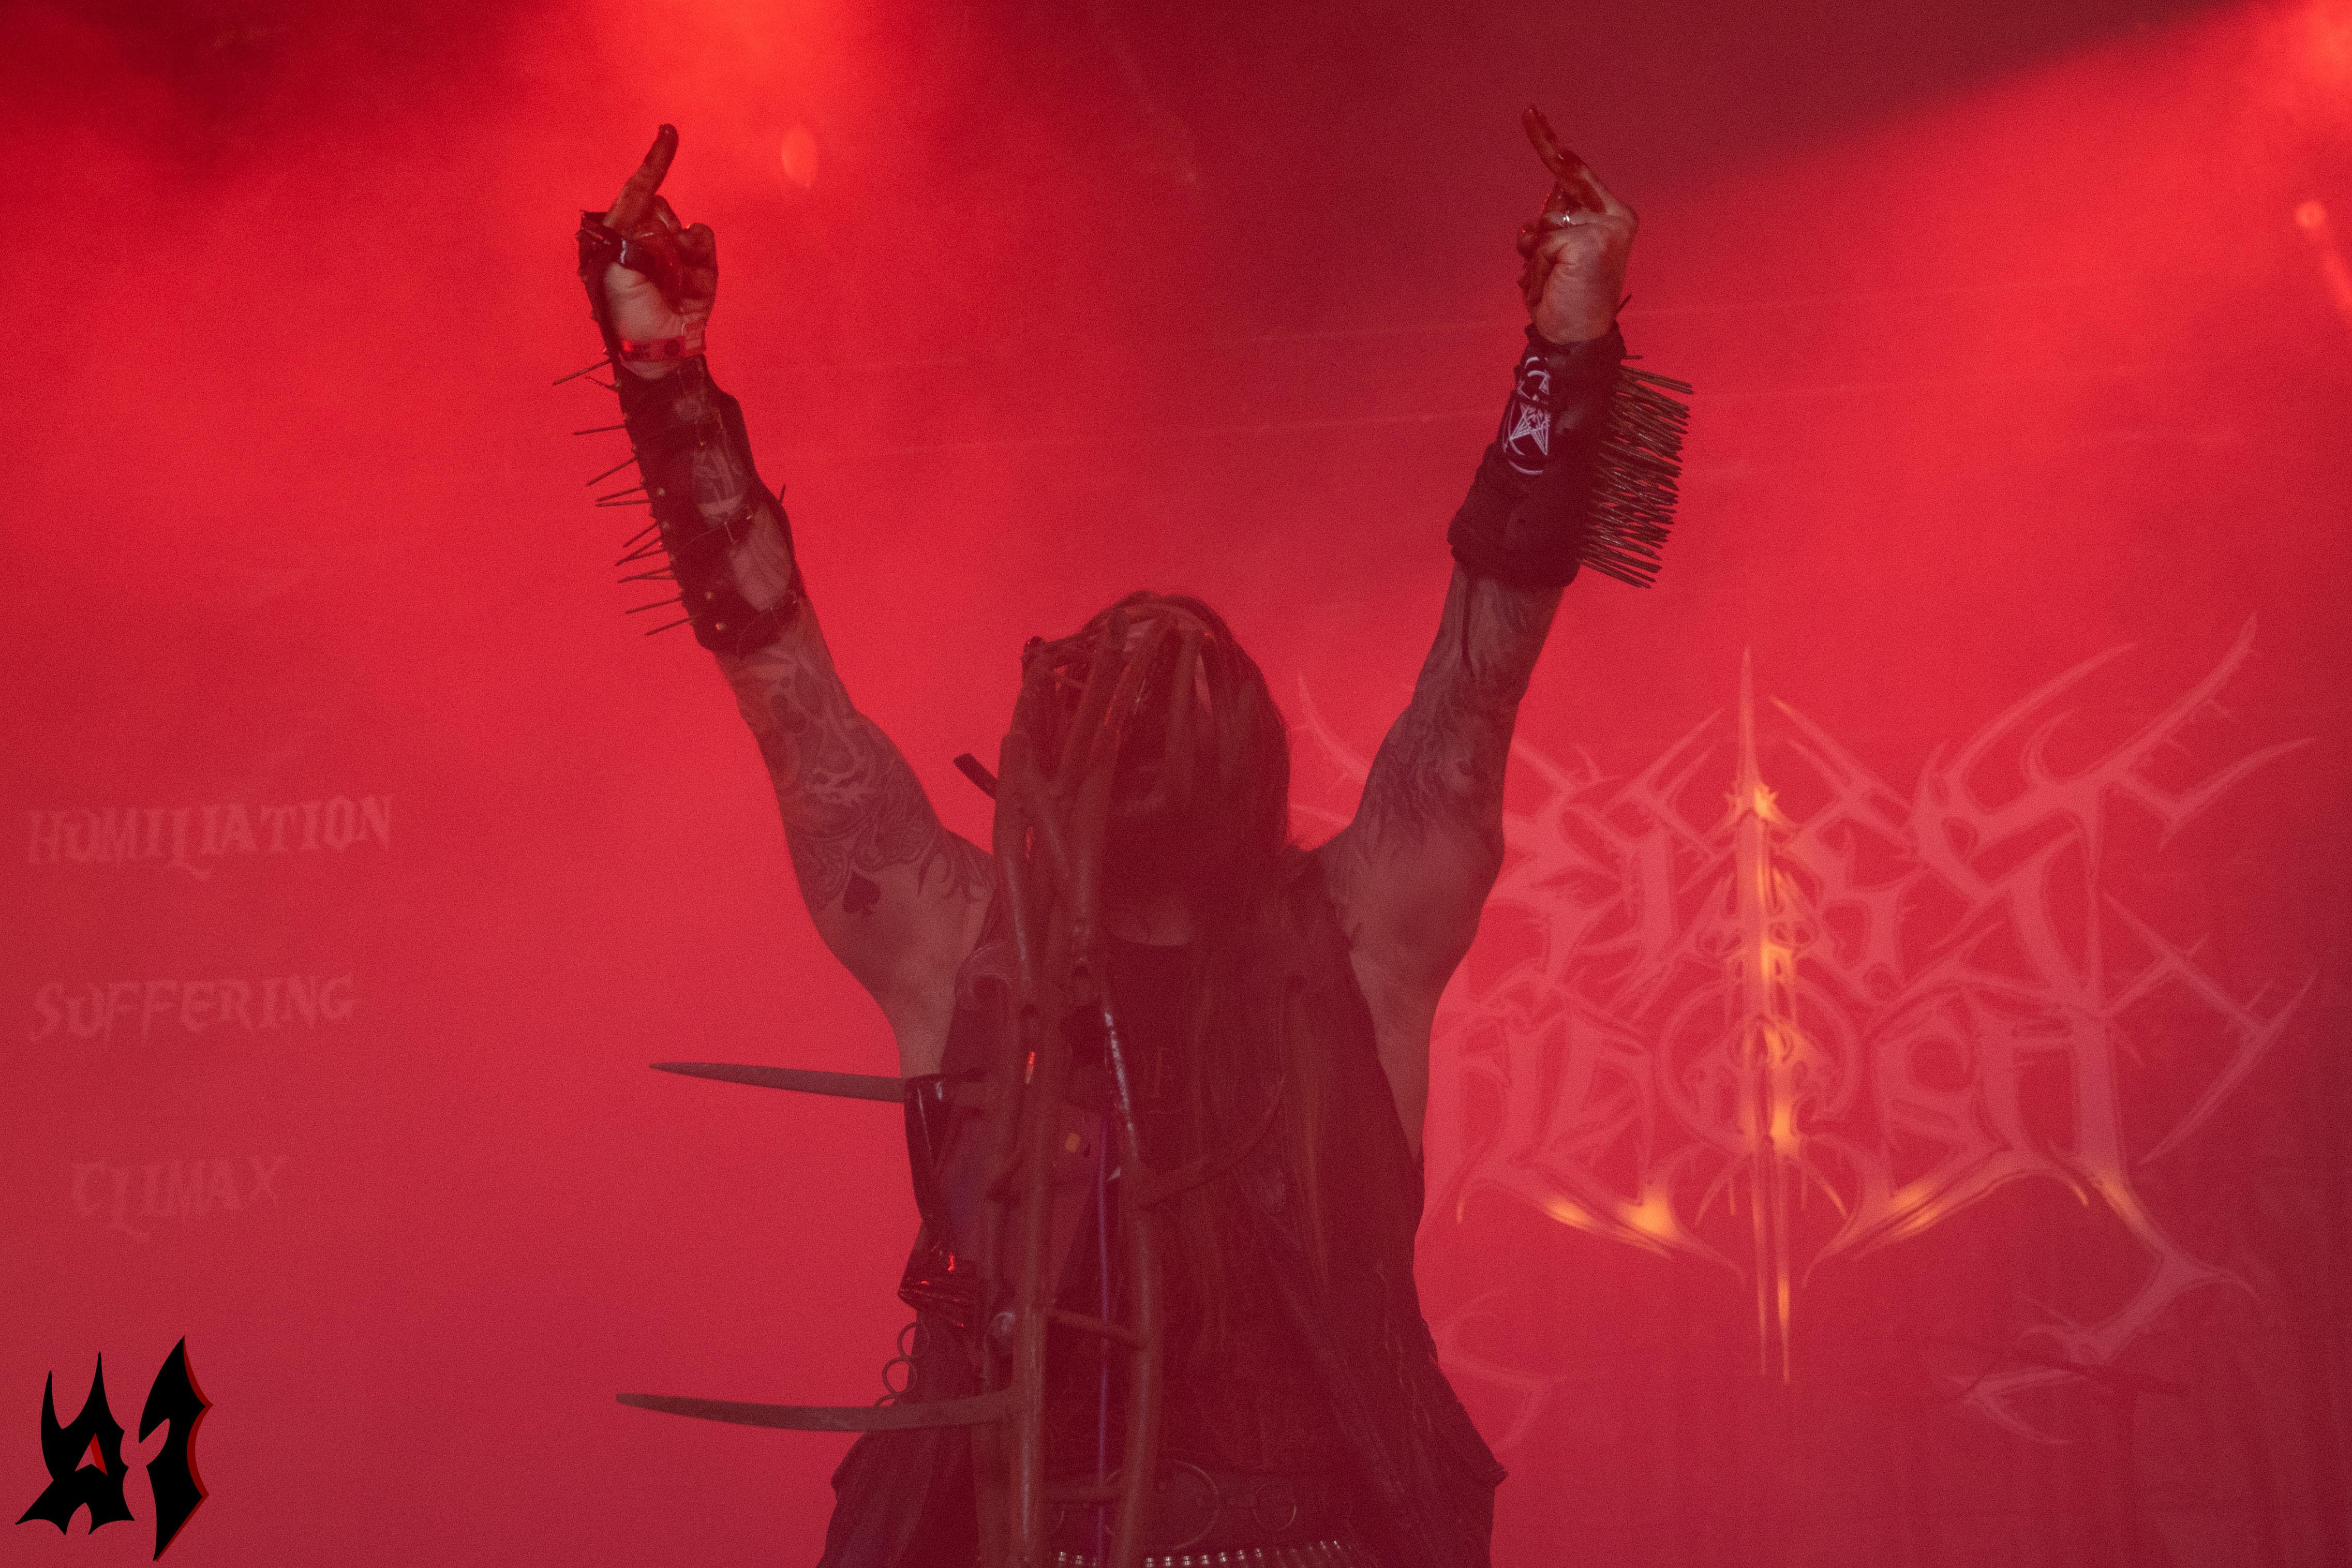 Hellfest - Bliss Of Flesh - 9